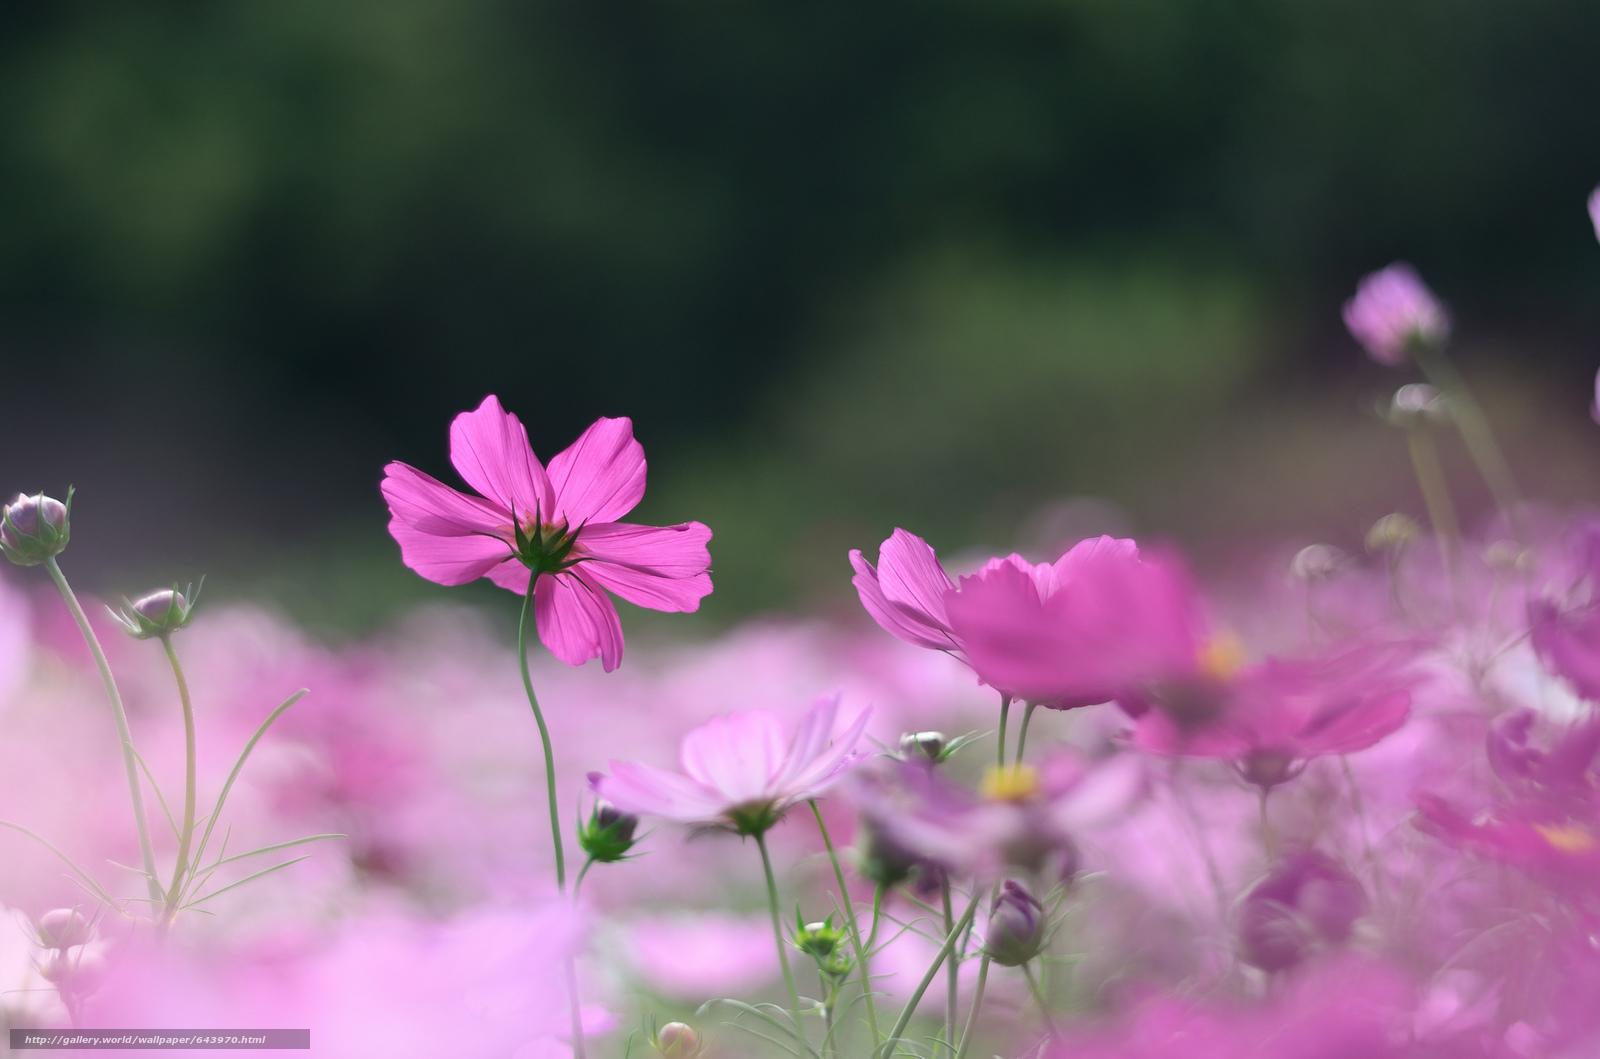 Tlcharger Fond d'ecran Fleurs,  fleur,  kosmeya,  cosmos Fonds d'ecran gratuits pour votre rsolution du bureau 2048x1356 — image №643970